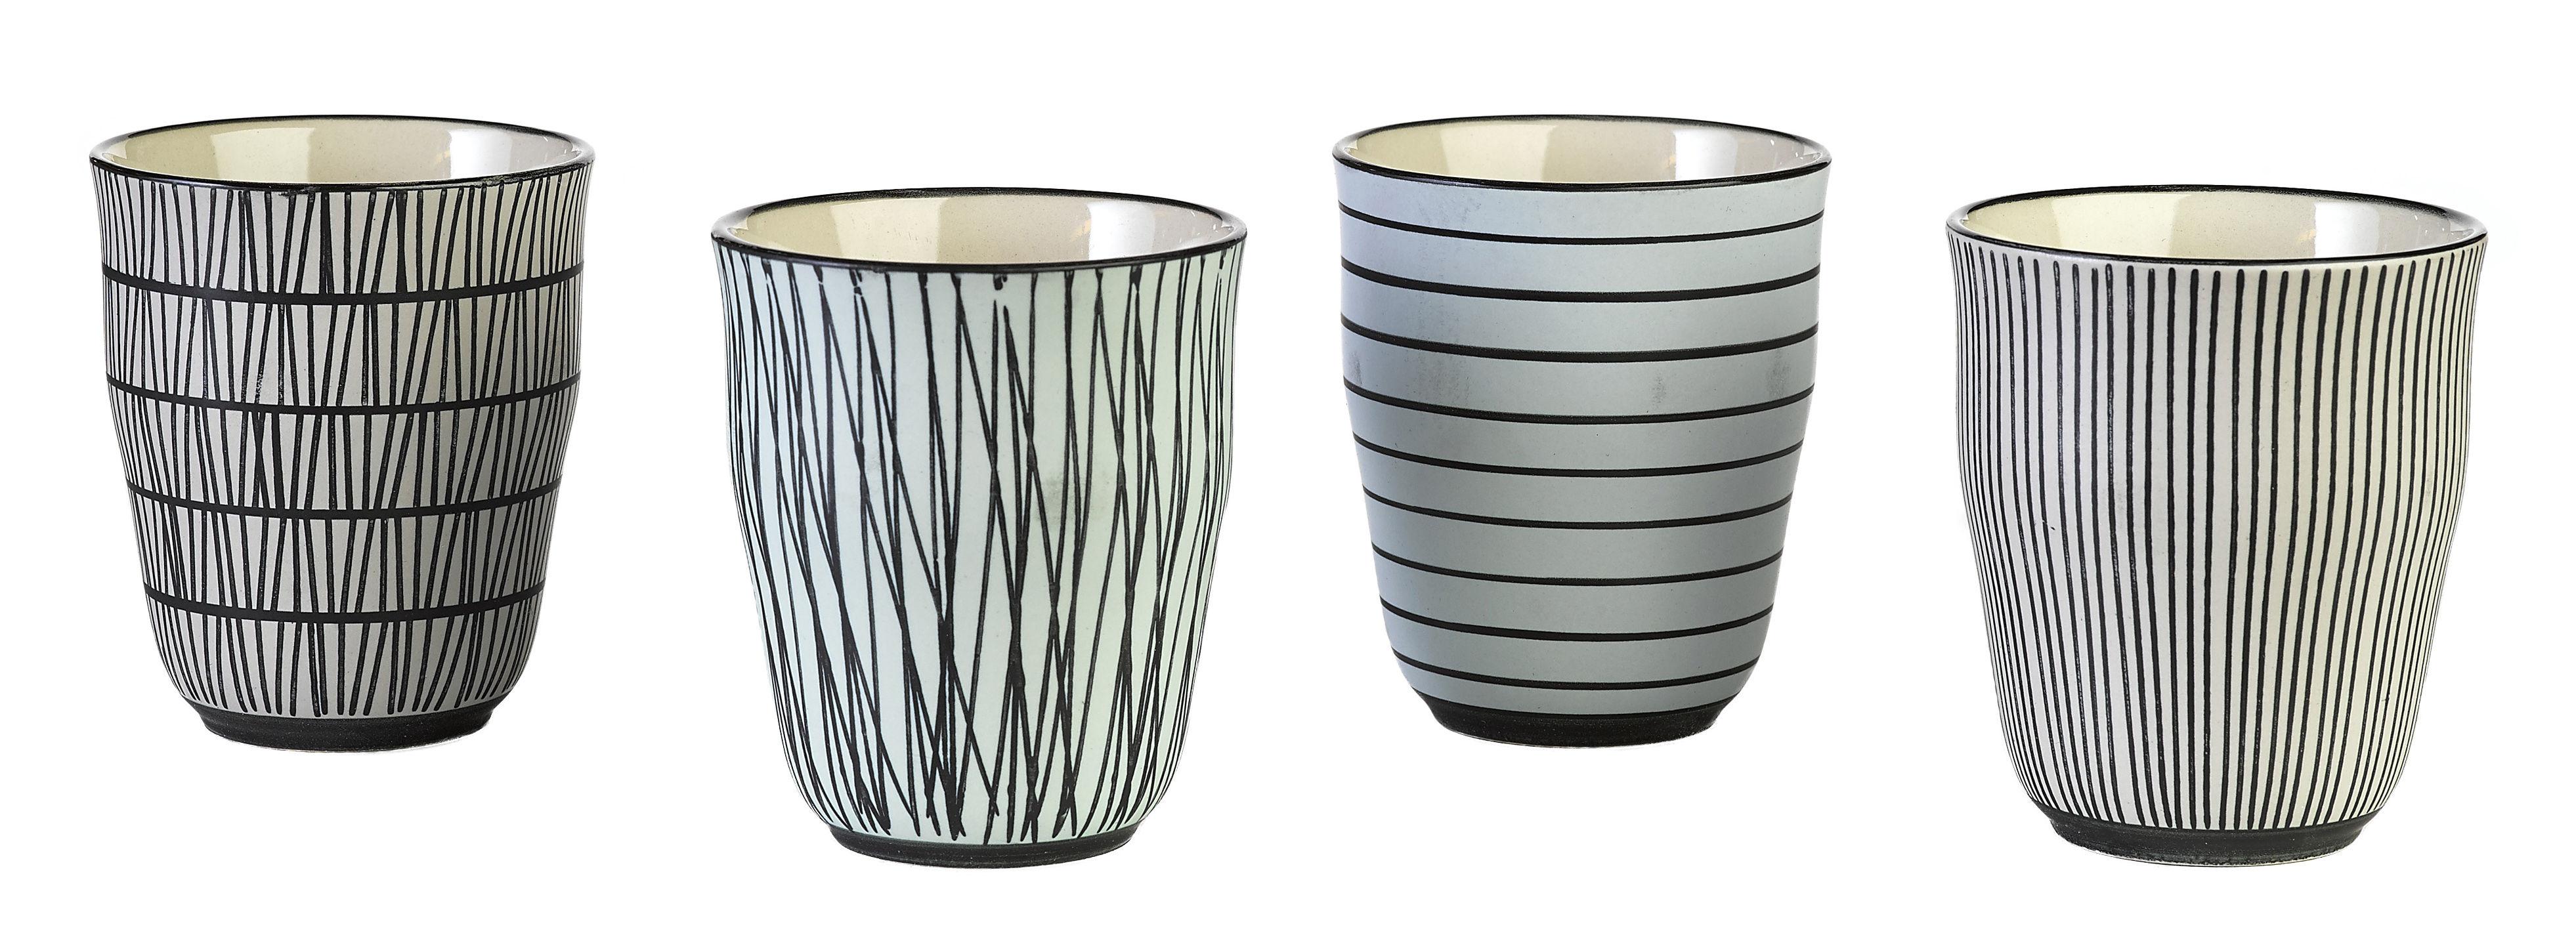 Tischkultur - Tassen und Becher - Pastel Afresh Tasse / 4er-Set- handbemalt - Pols Potten - Schwarz & weiß - emailliertes Porzellan